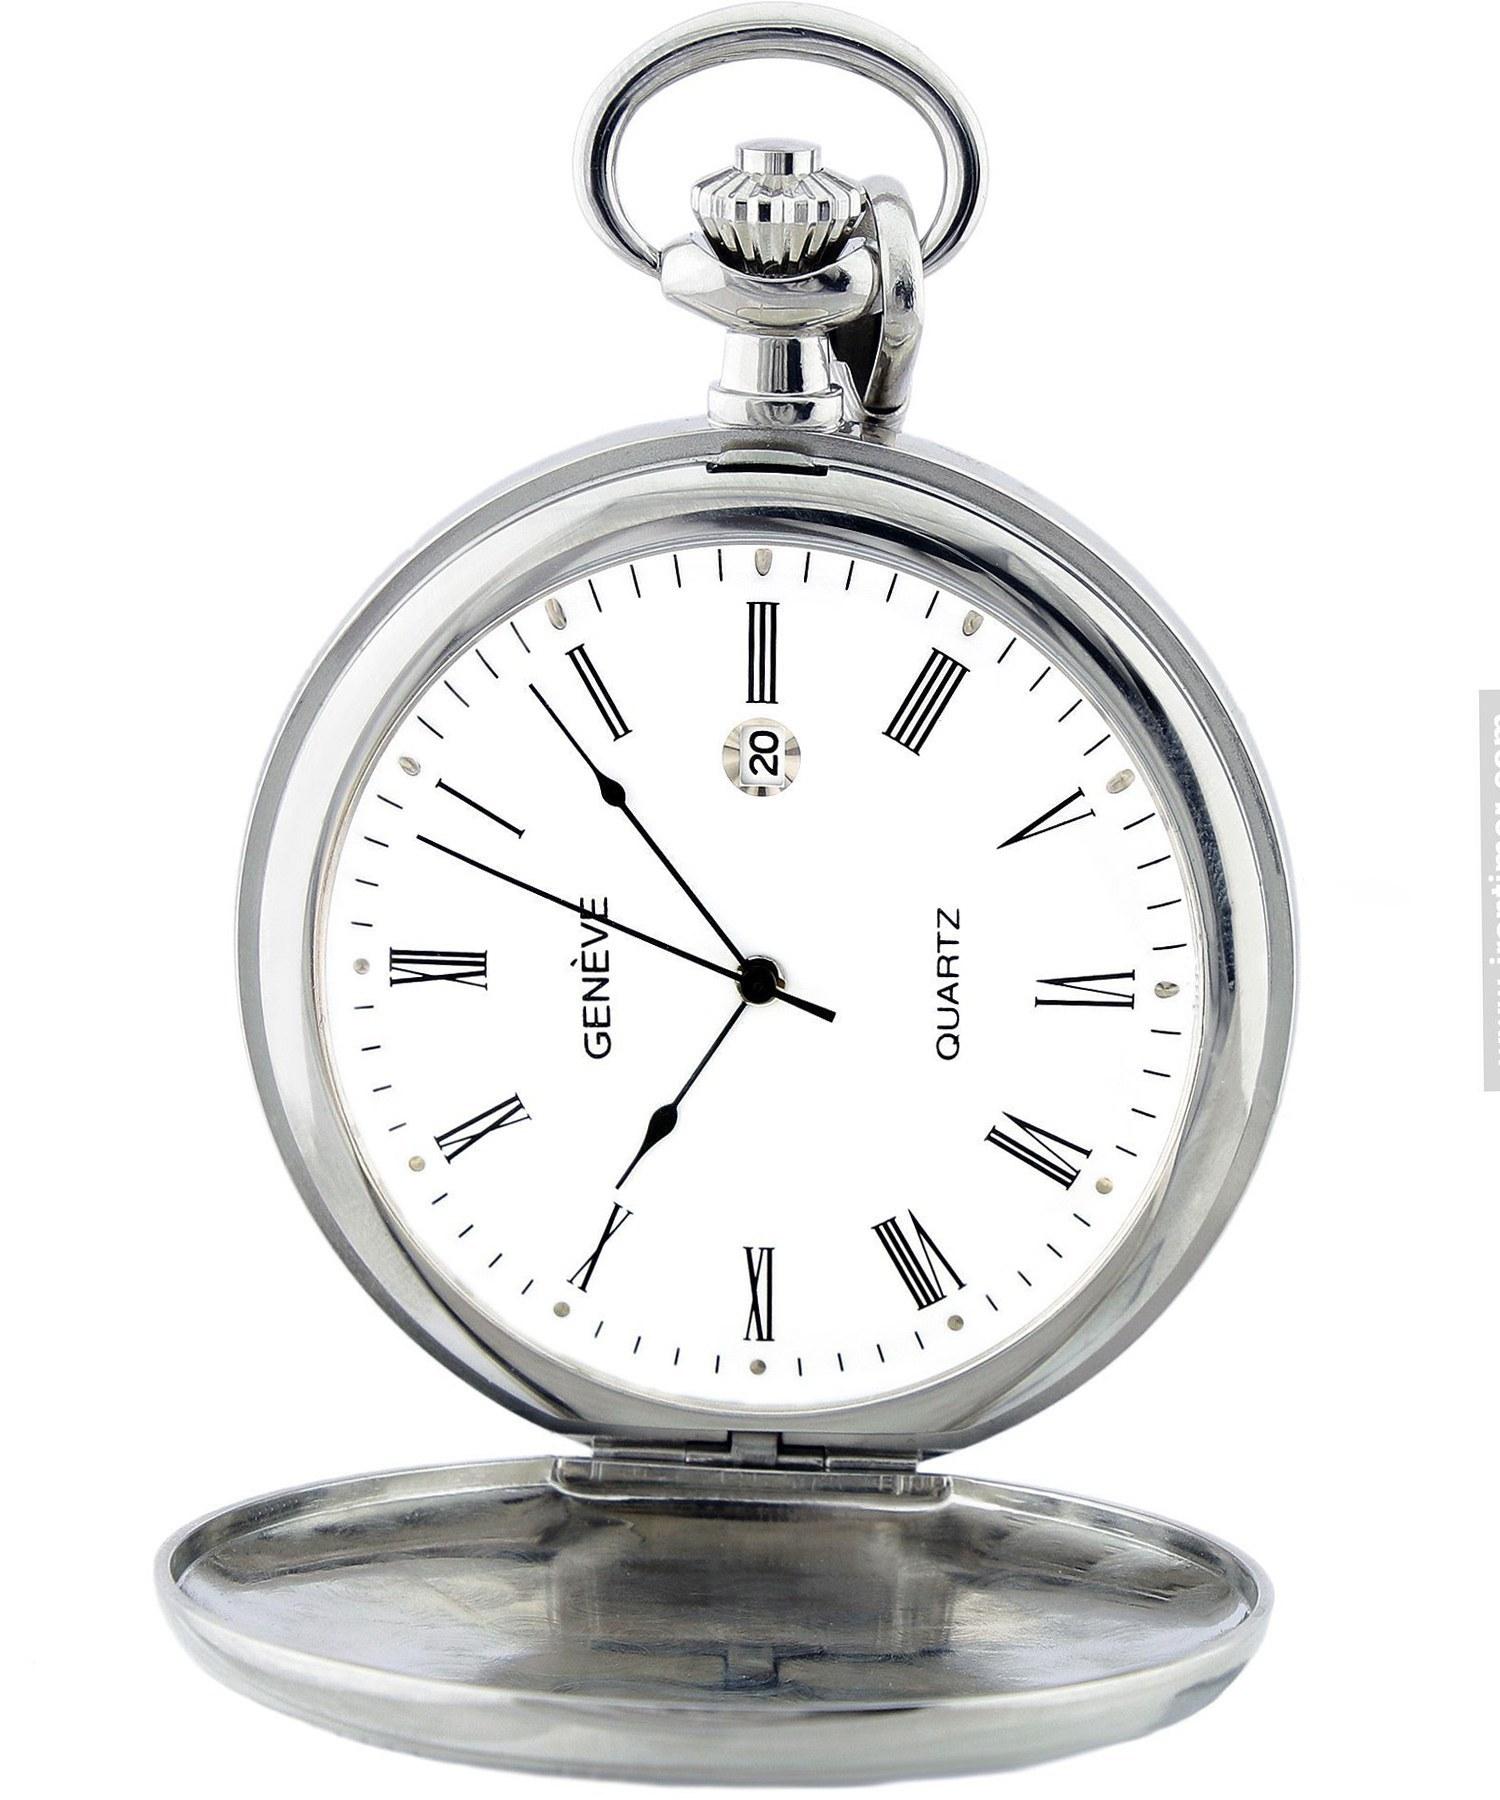 تصویر ساعت جیبی مردانه ژان ژاکت ، کد 1027-QS